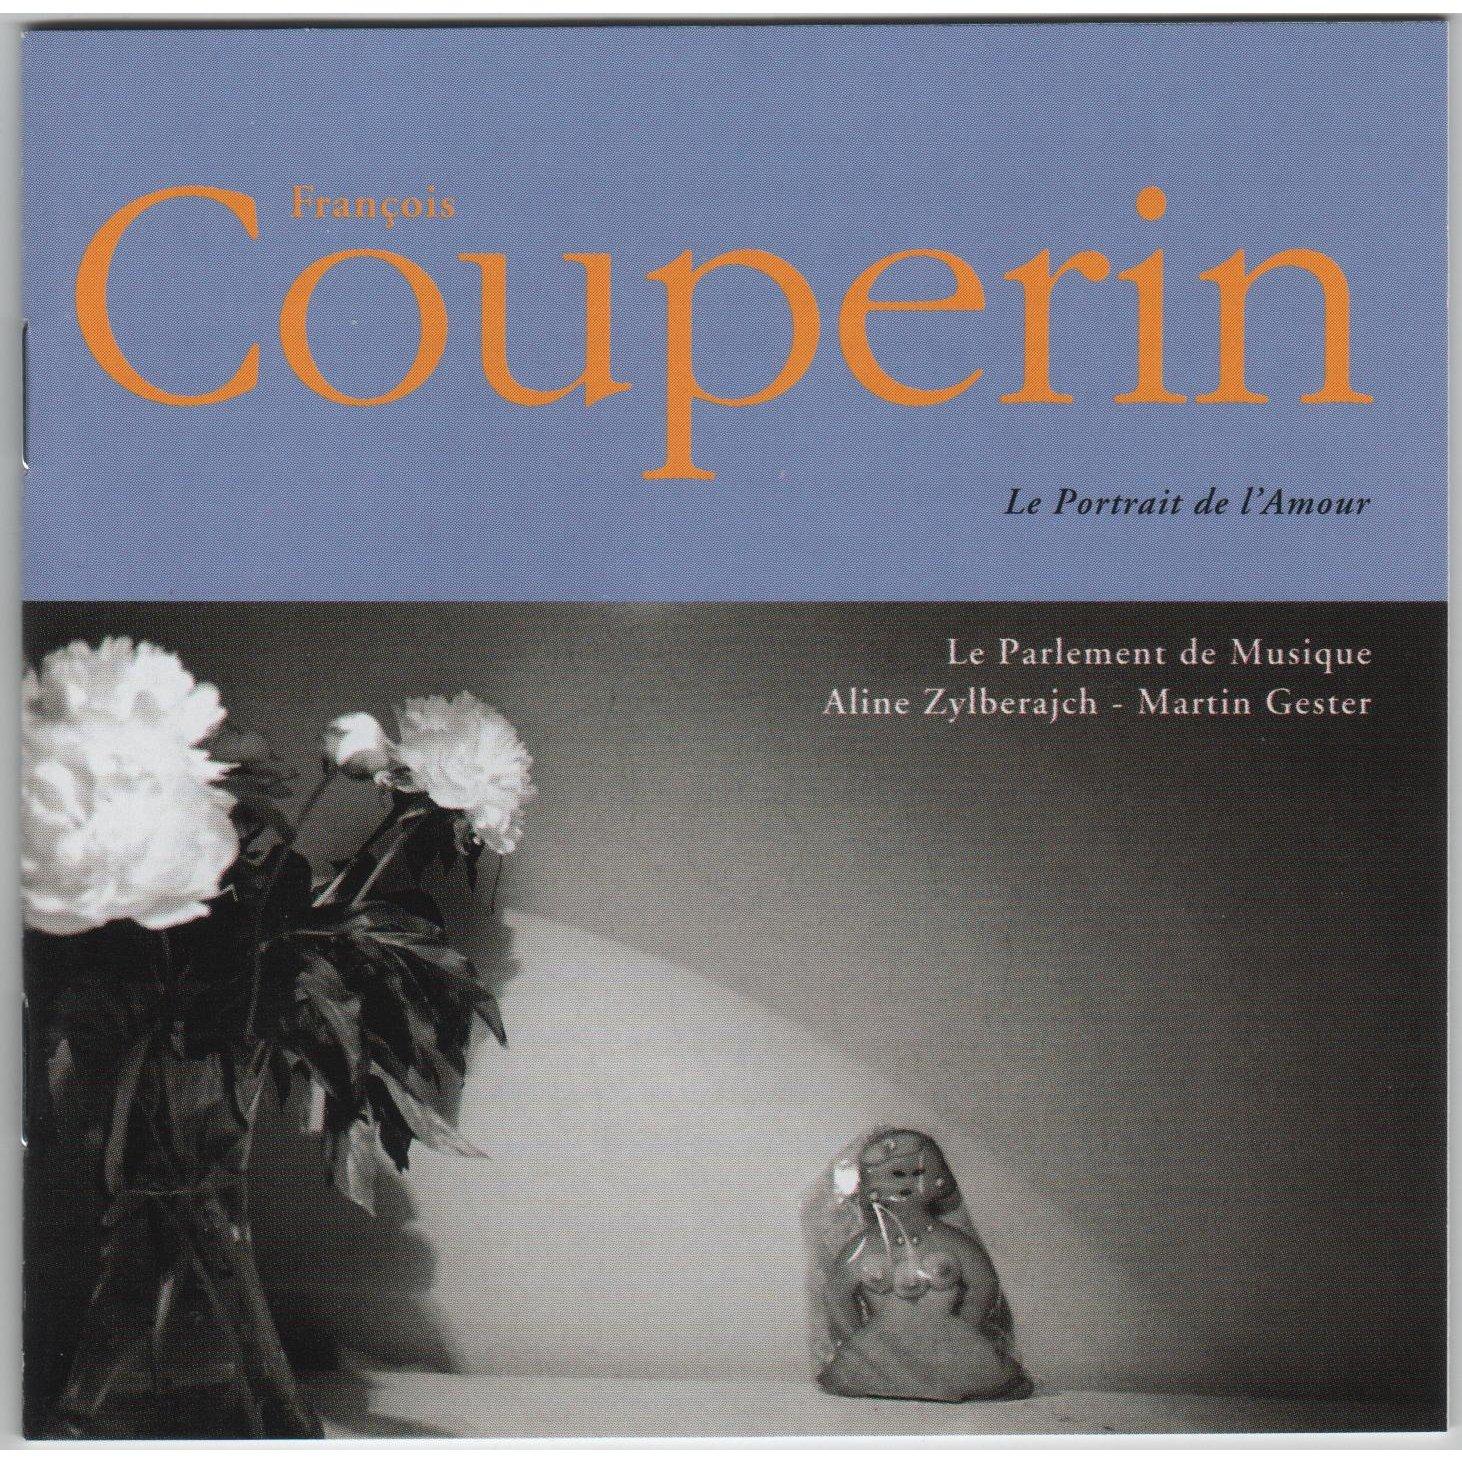 Couperin - Le Parlement de Musique, Aline Zylberajch, Martin Gester Le Portrait de l'Amour